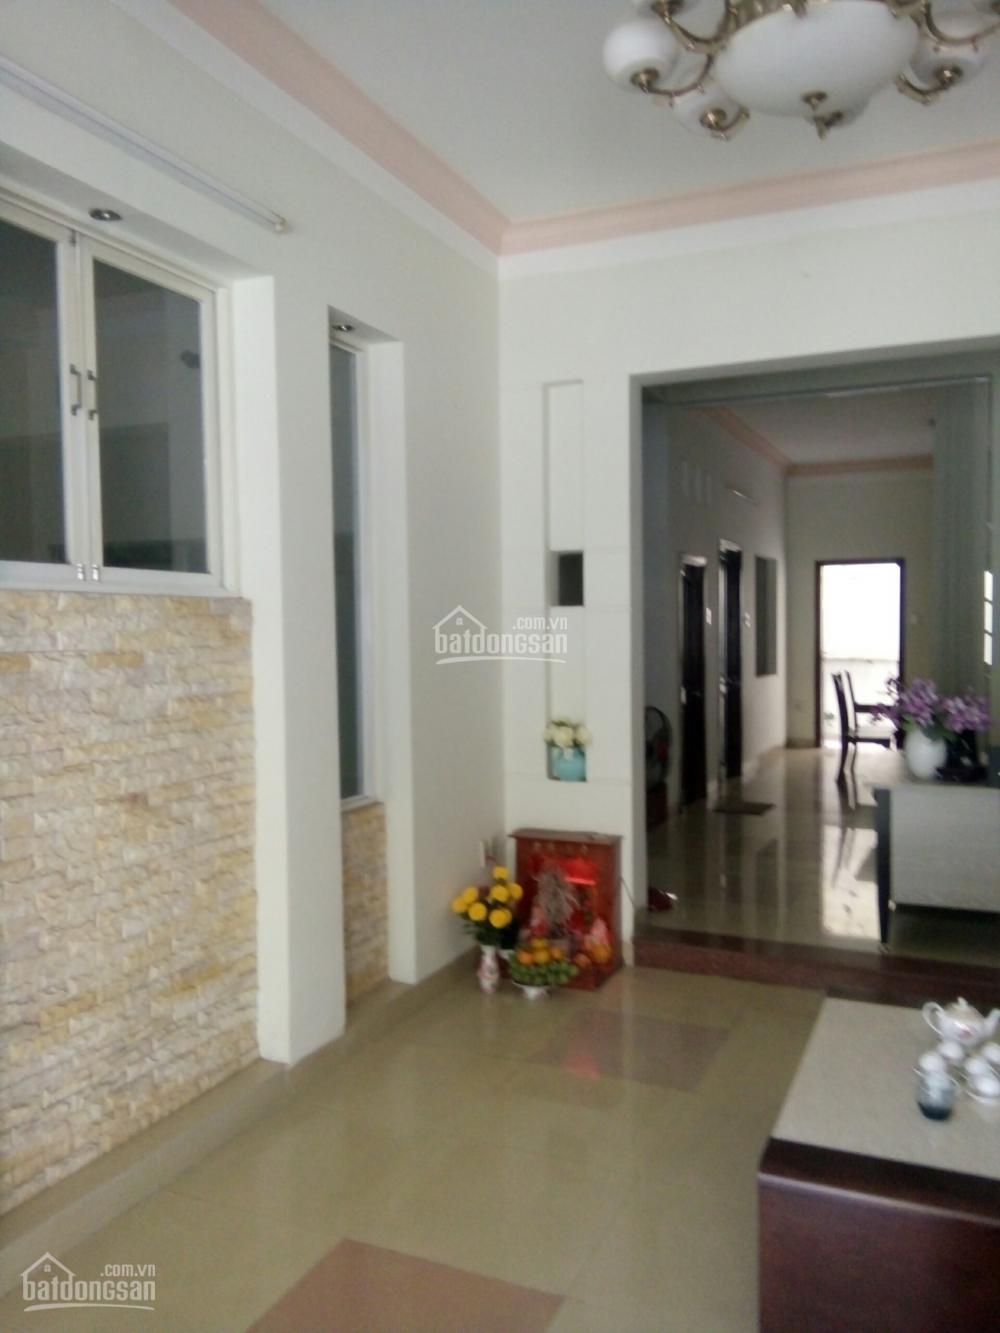 Cho thuê mặt bằng tầng trệt làm văn phòng An Phú An Khánh, Quận 2. Giá 13 triệu/tháng